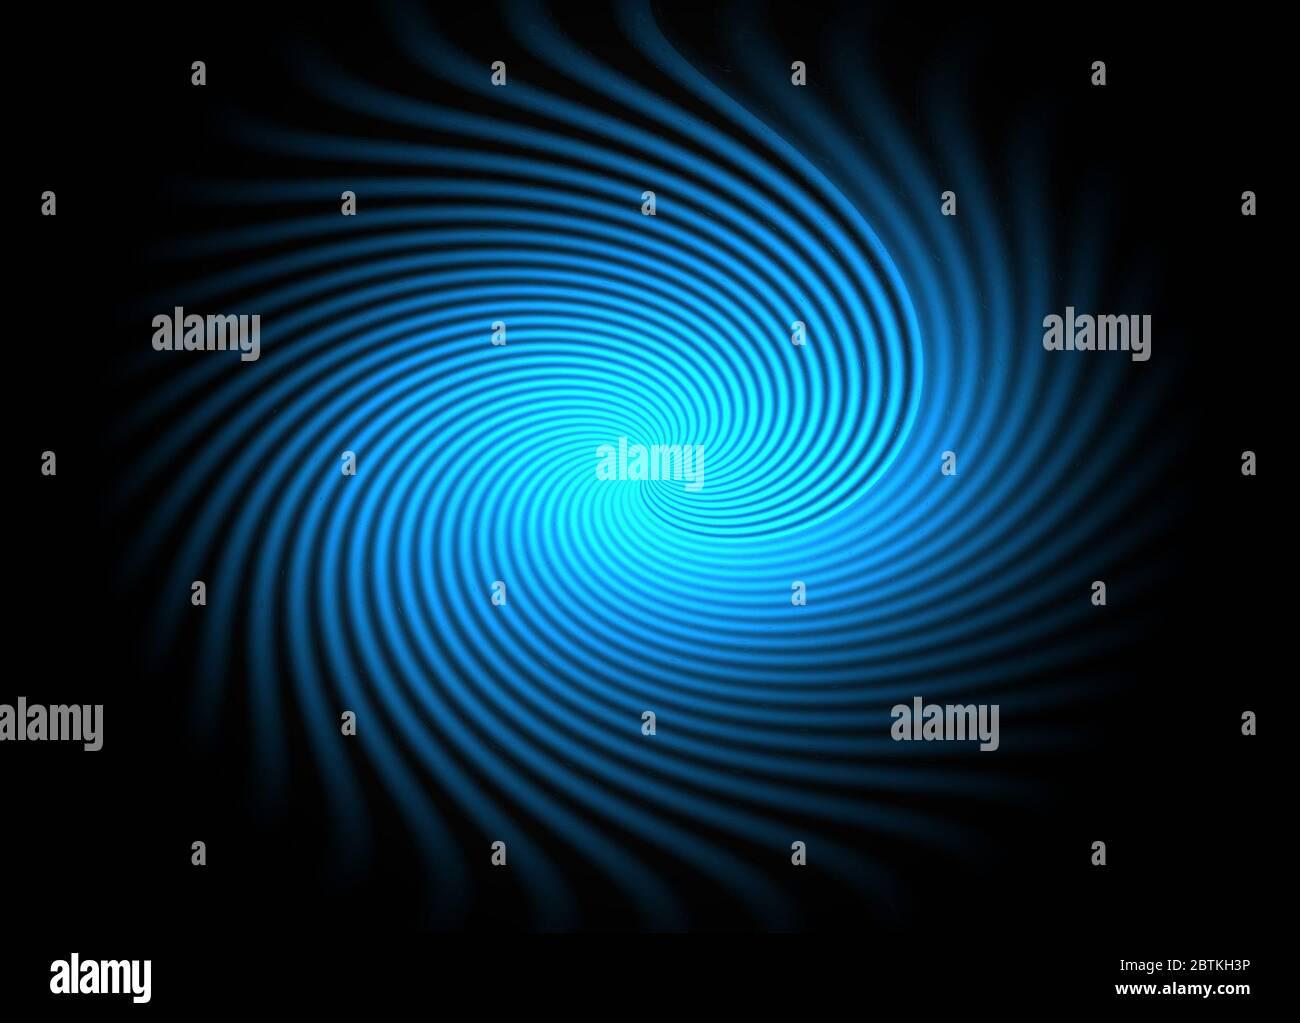 Résumé effet tourbillon bleu électrique brillant sur fond noir, concept pour l'espace, la mer, les créatures, la lumière, l'énergie, l'électricité Banque D'Images